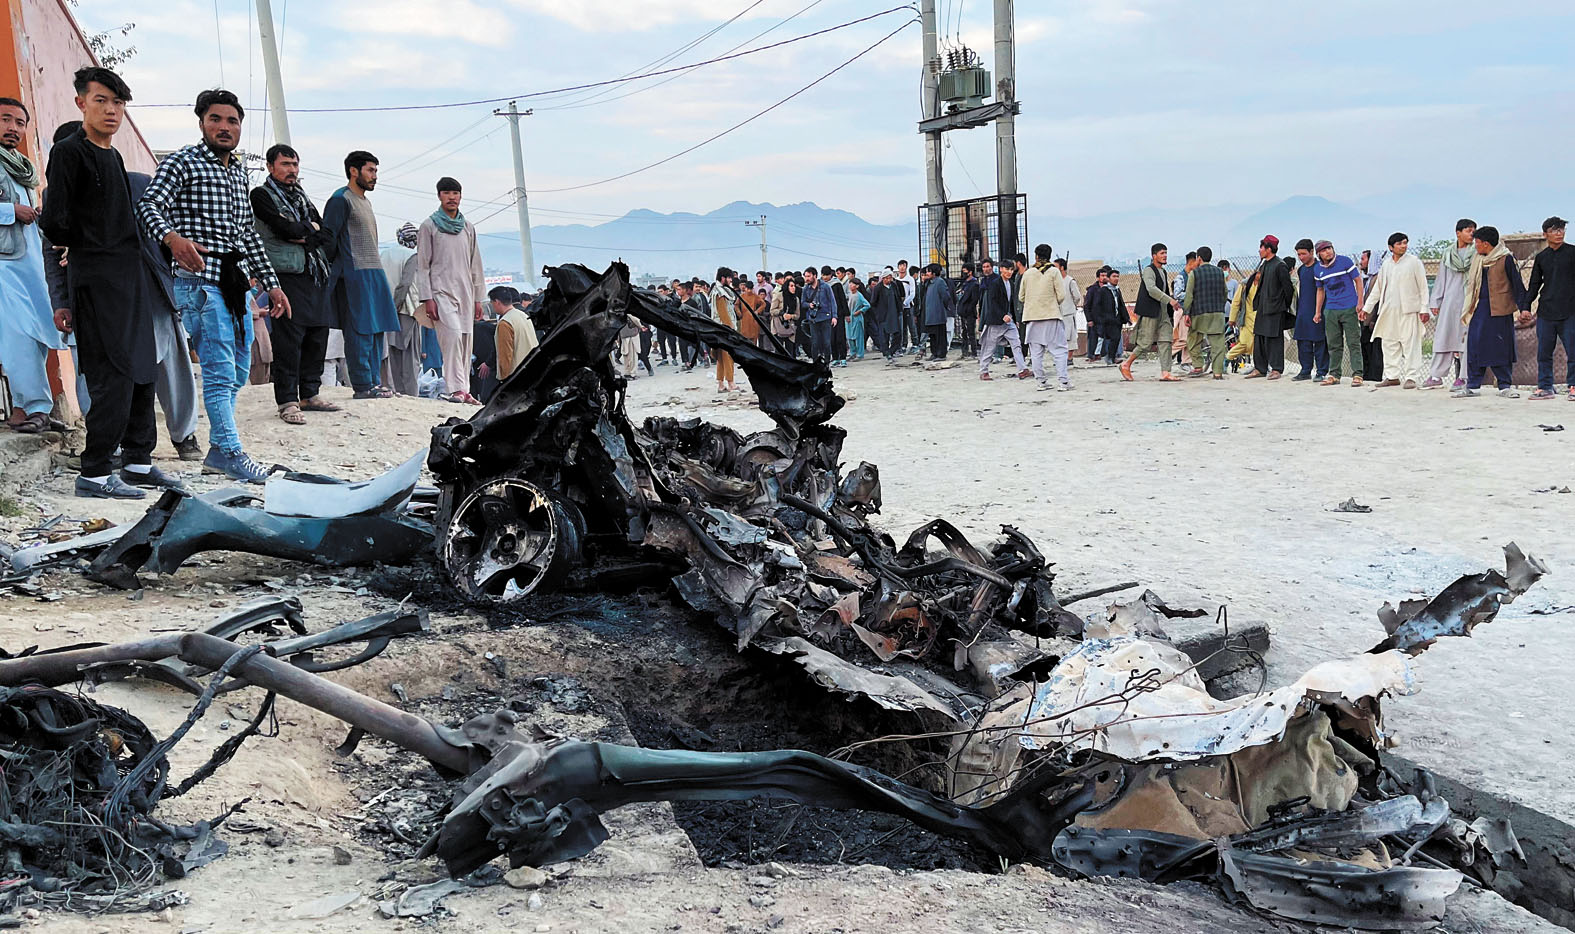 爆炸現場的汽車已燒毀。美聯社